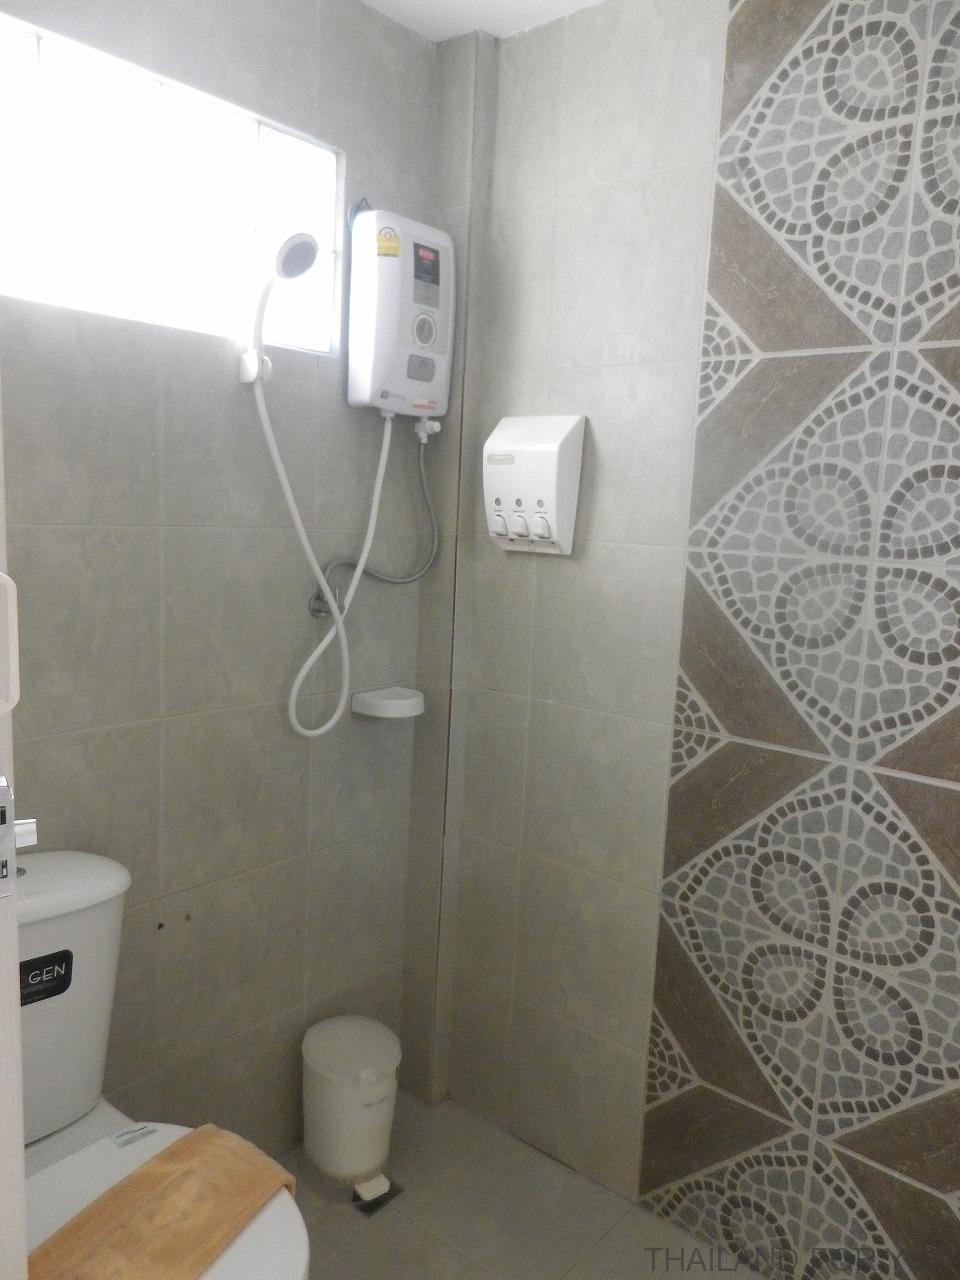 チェンライホテルの部屋の写真